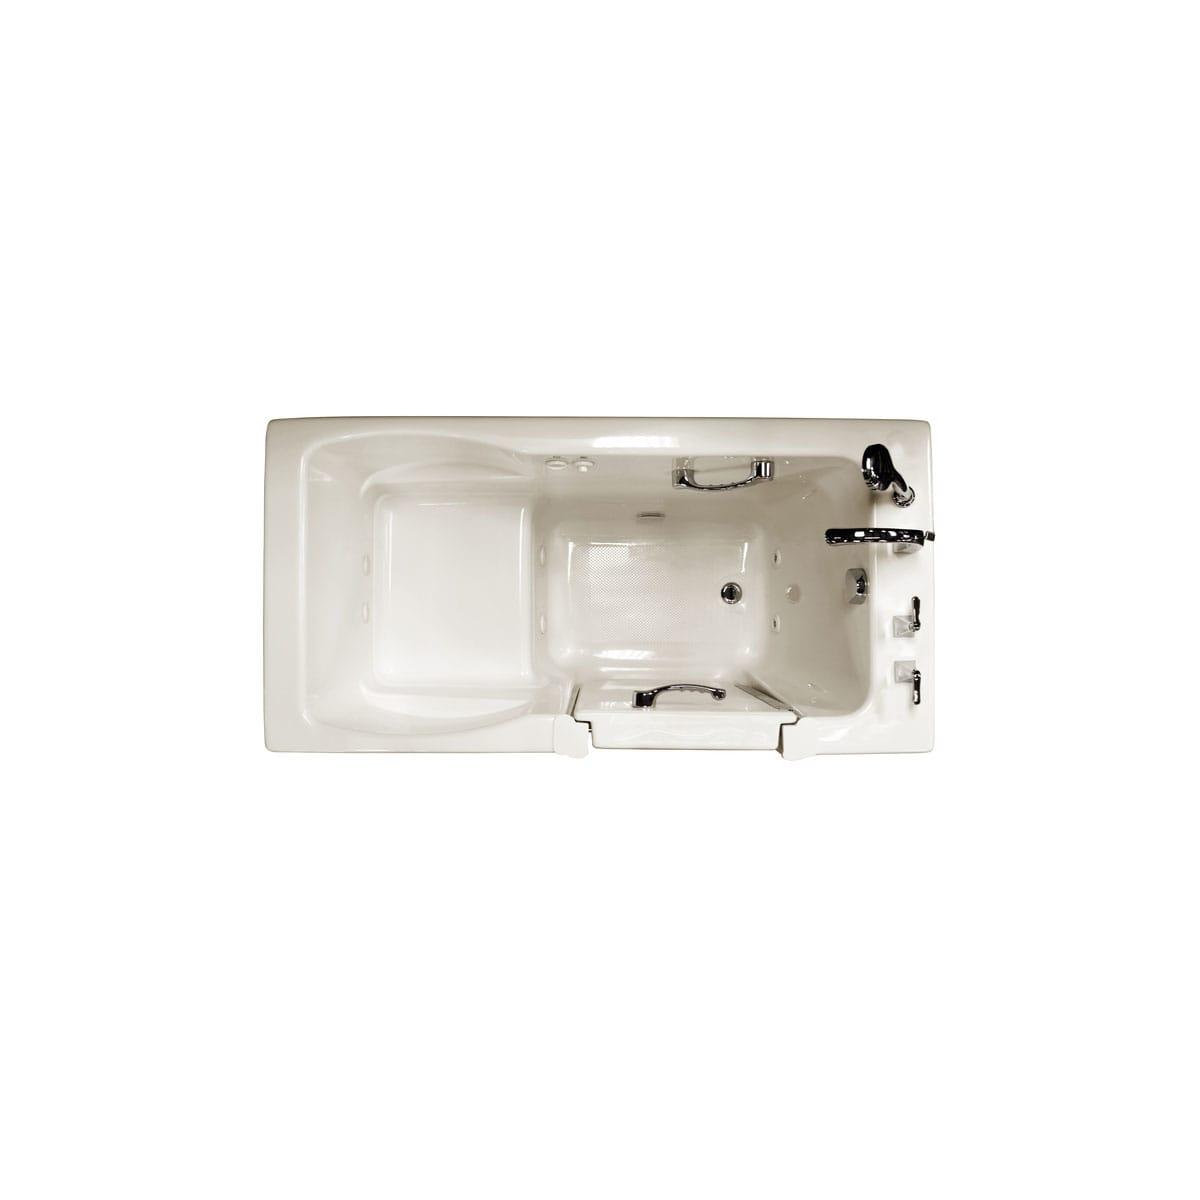 Ristorre Ris6030wrl1hxw White 60 X 30 Three Wall Alcove